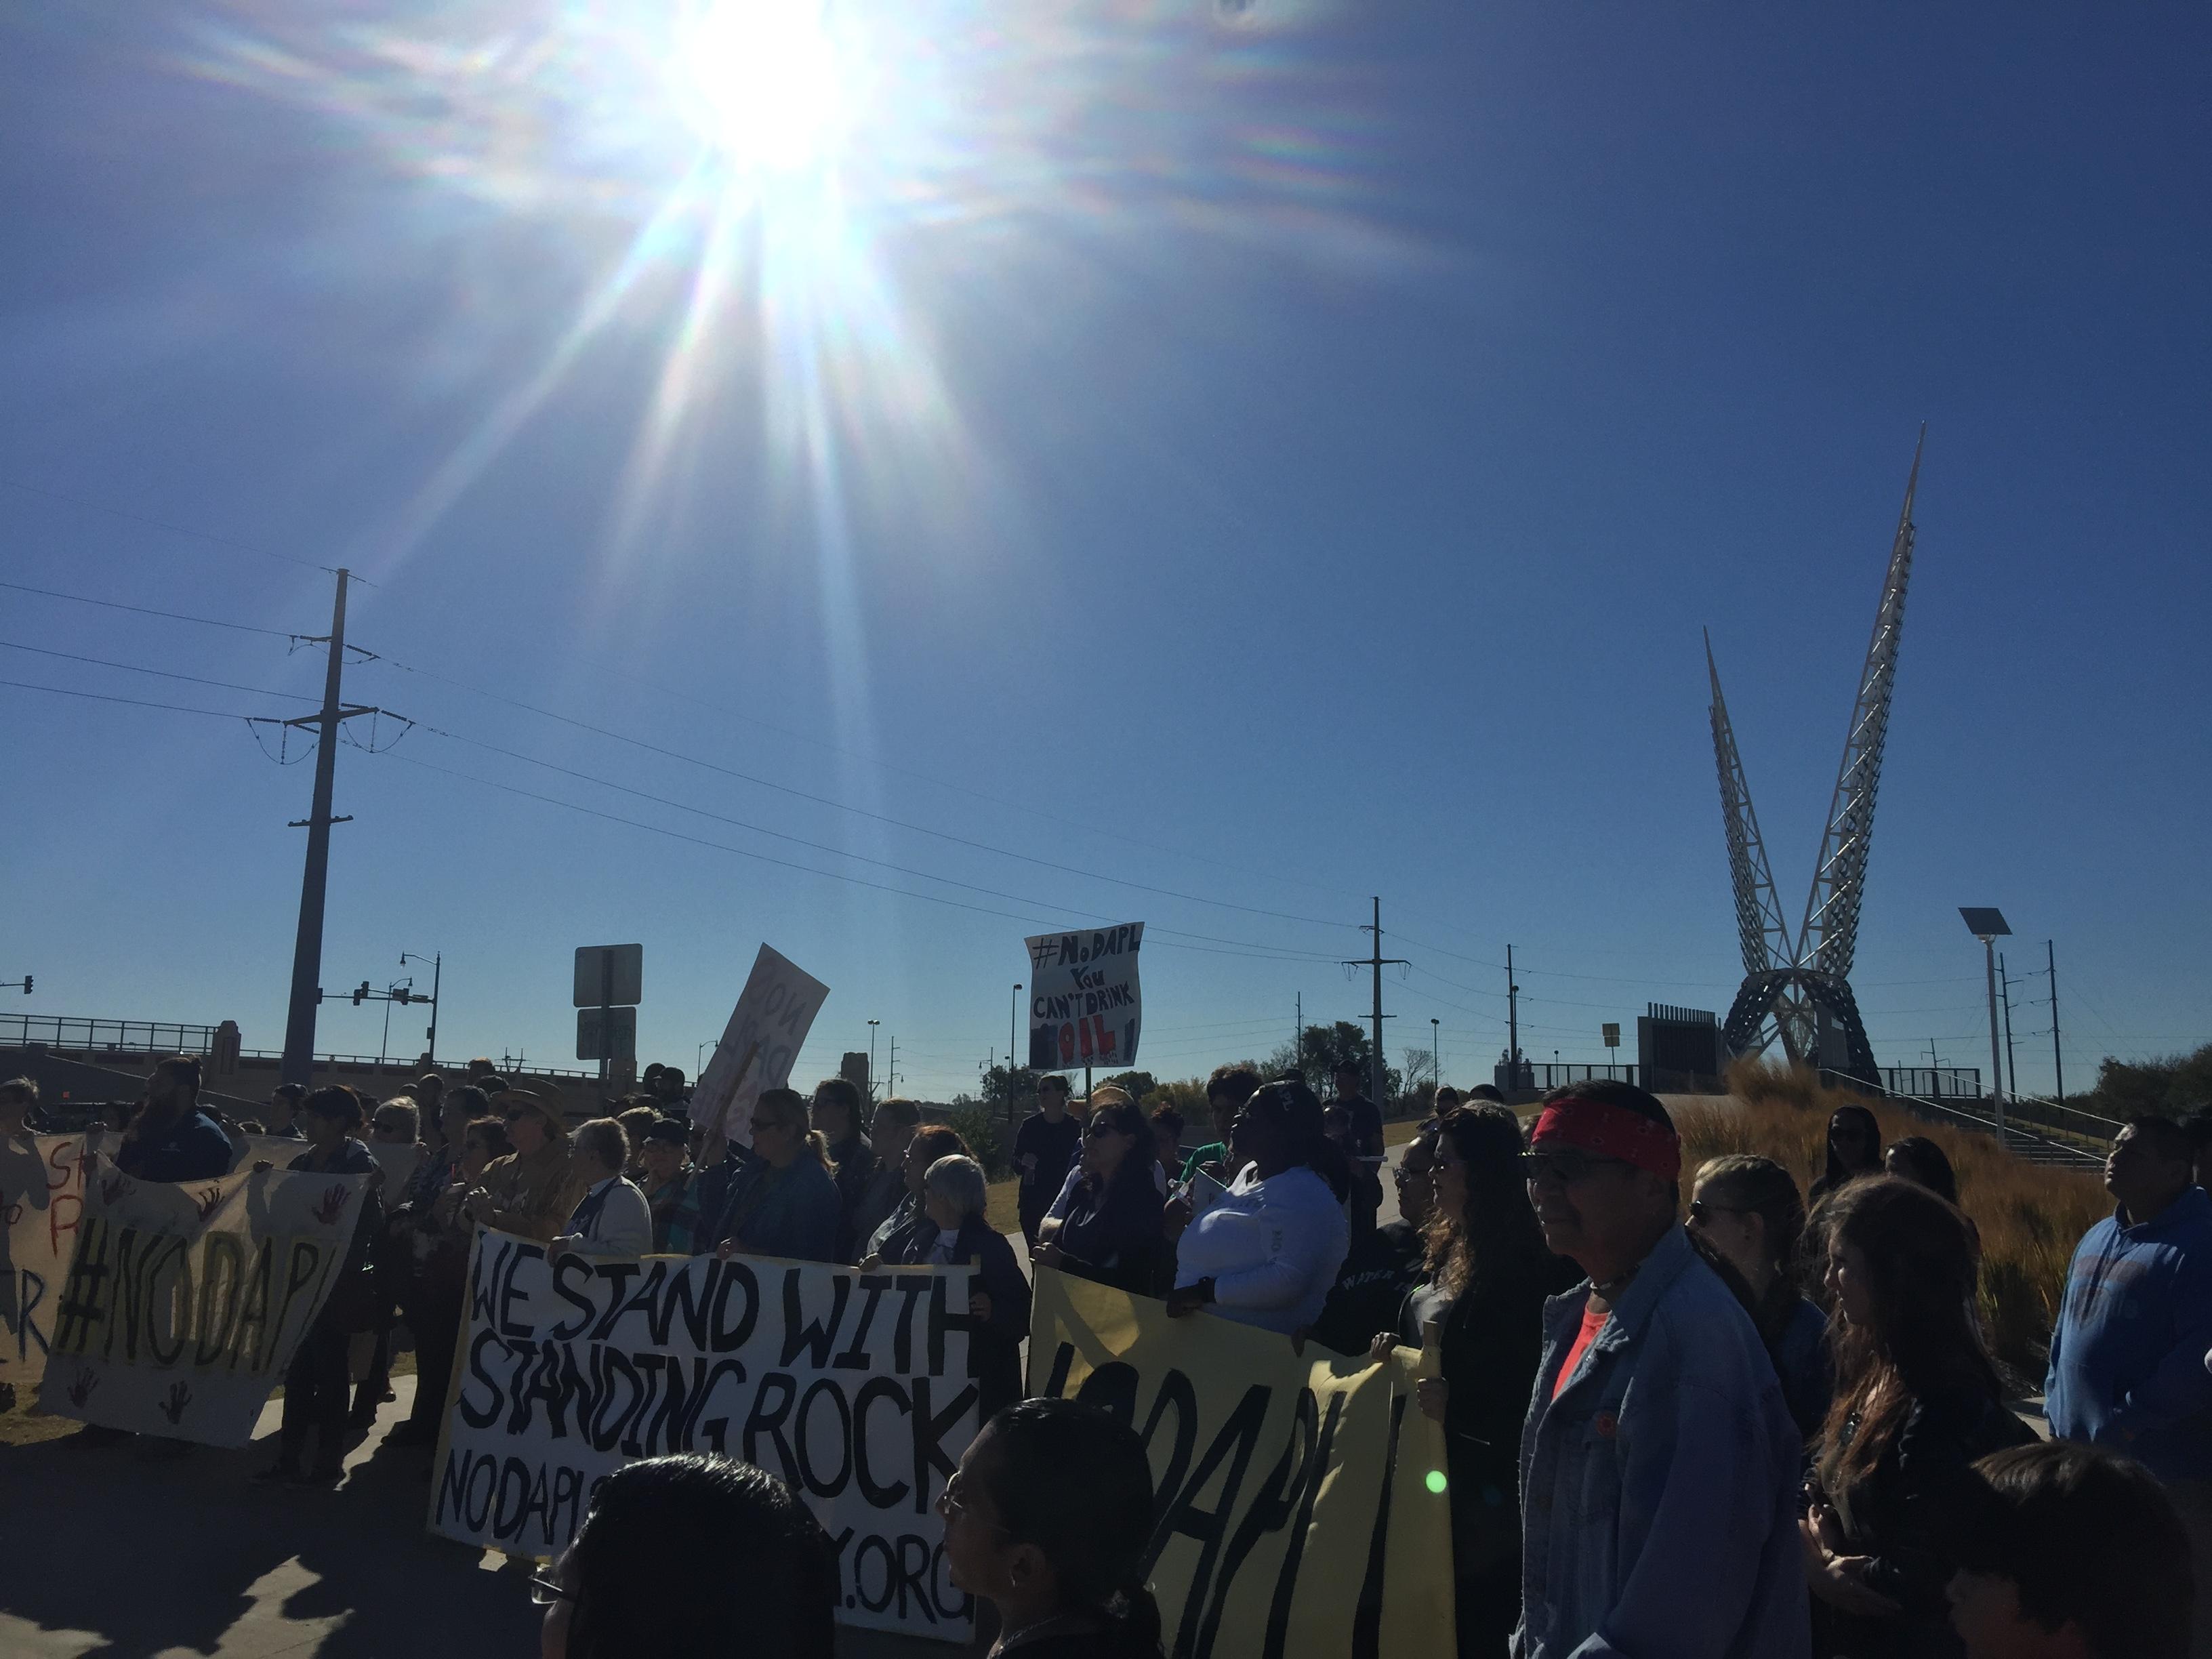 NoDAPL OKC protest